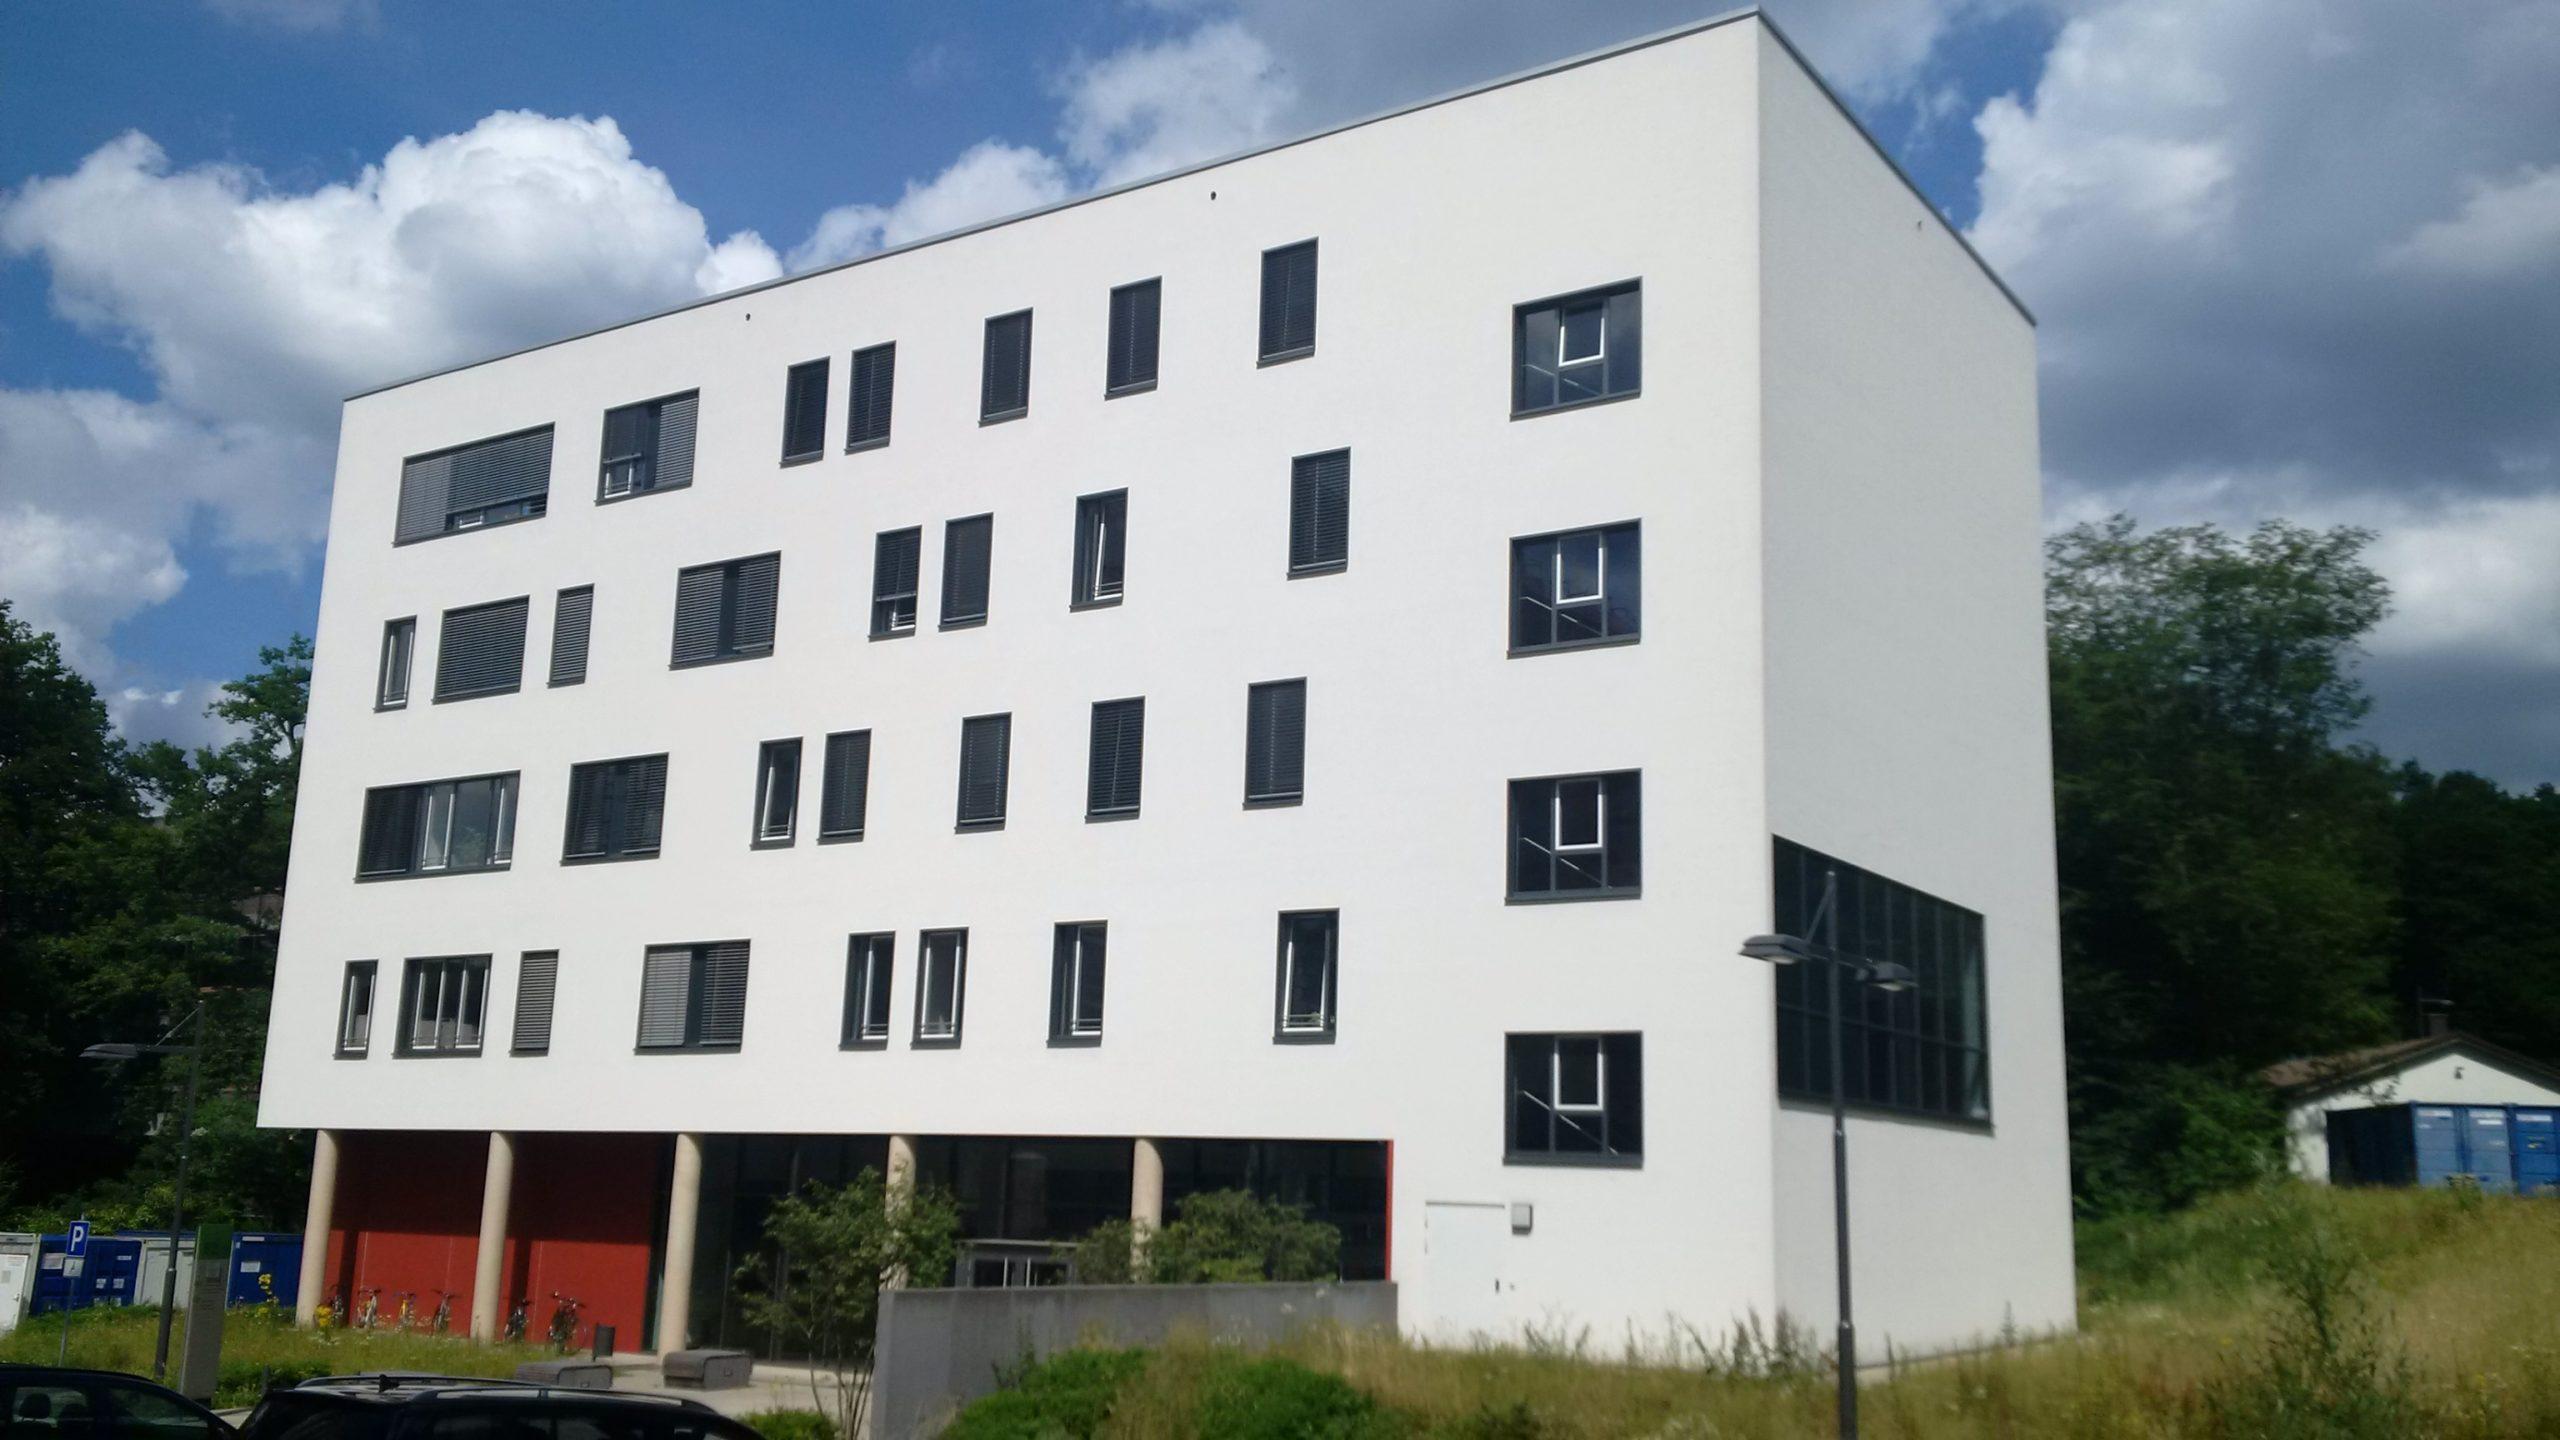 <b>Verfügungsgebäude - Ministerium der Finanzen</b>